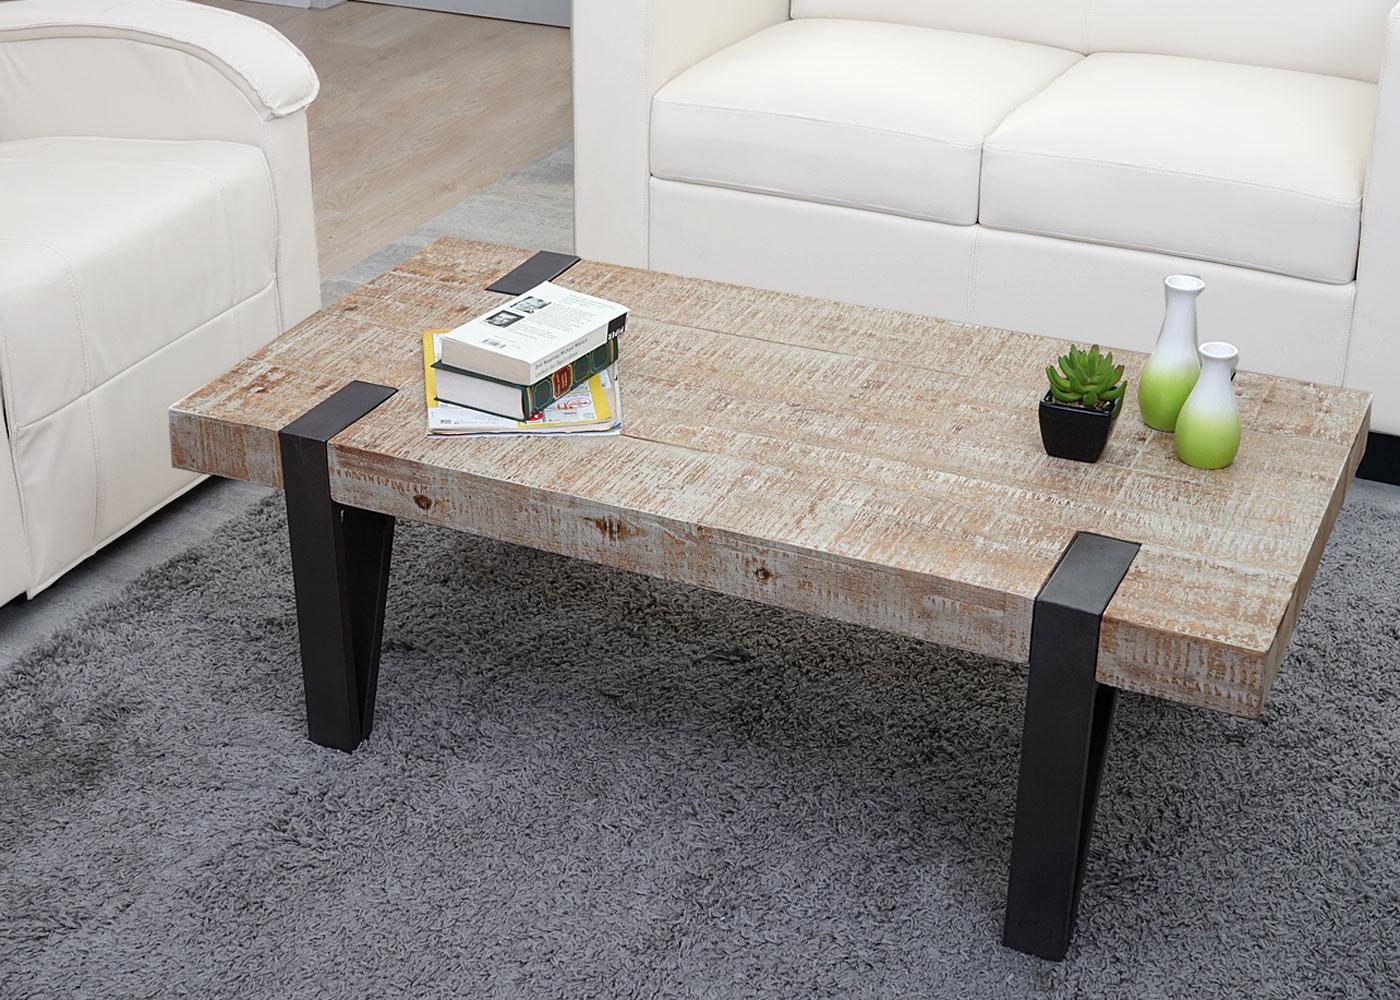 Astounding Couchtisch Holz Rustikal Ideen Von Hwc-a15b, Wohnzimmertisch, Tanne Massiv 40x120x60cm 2